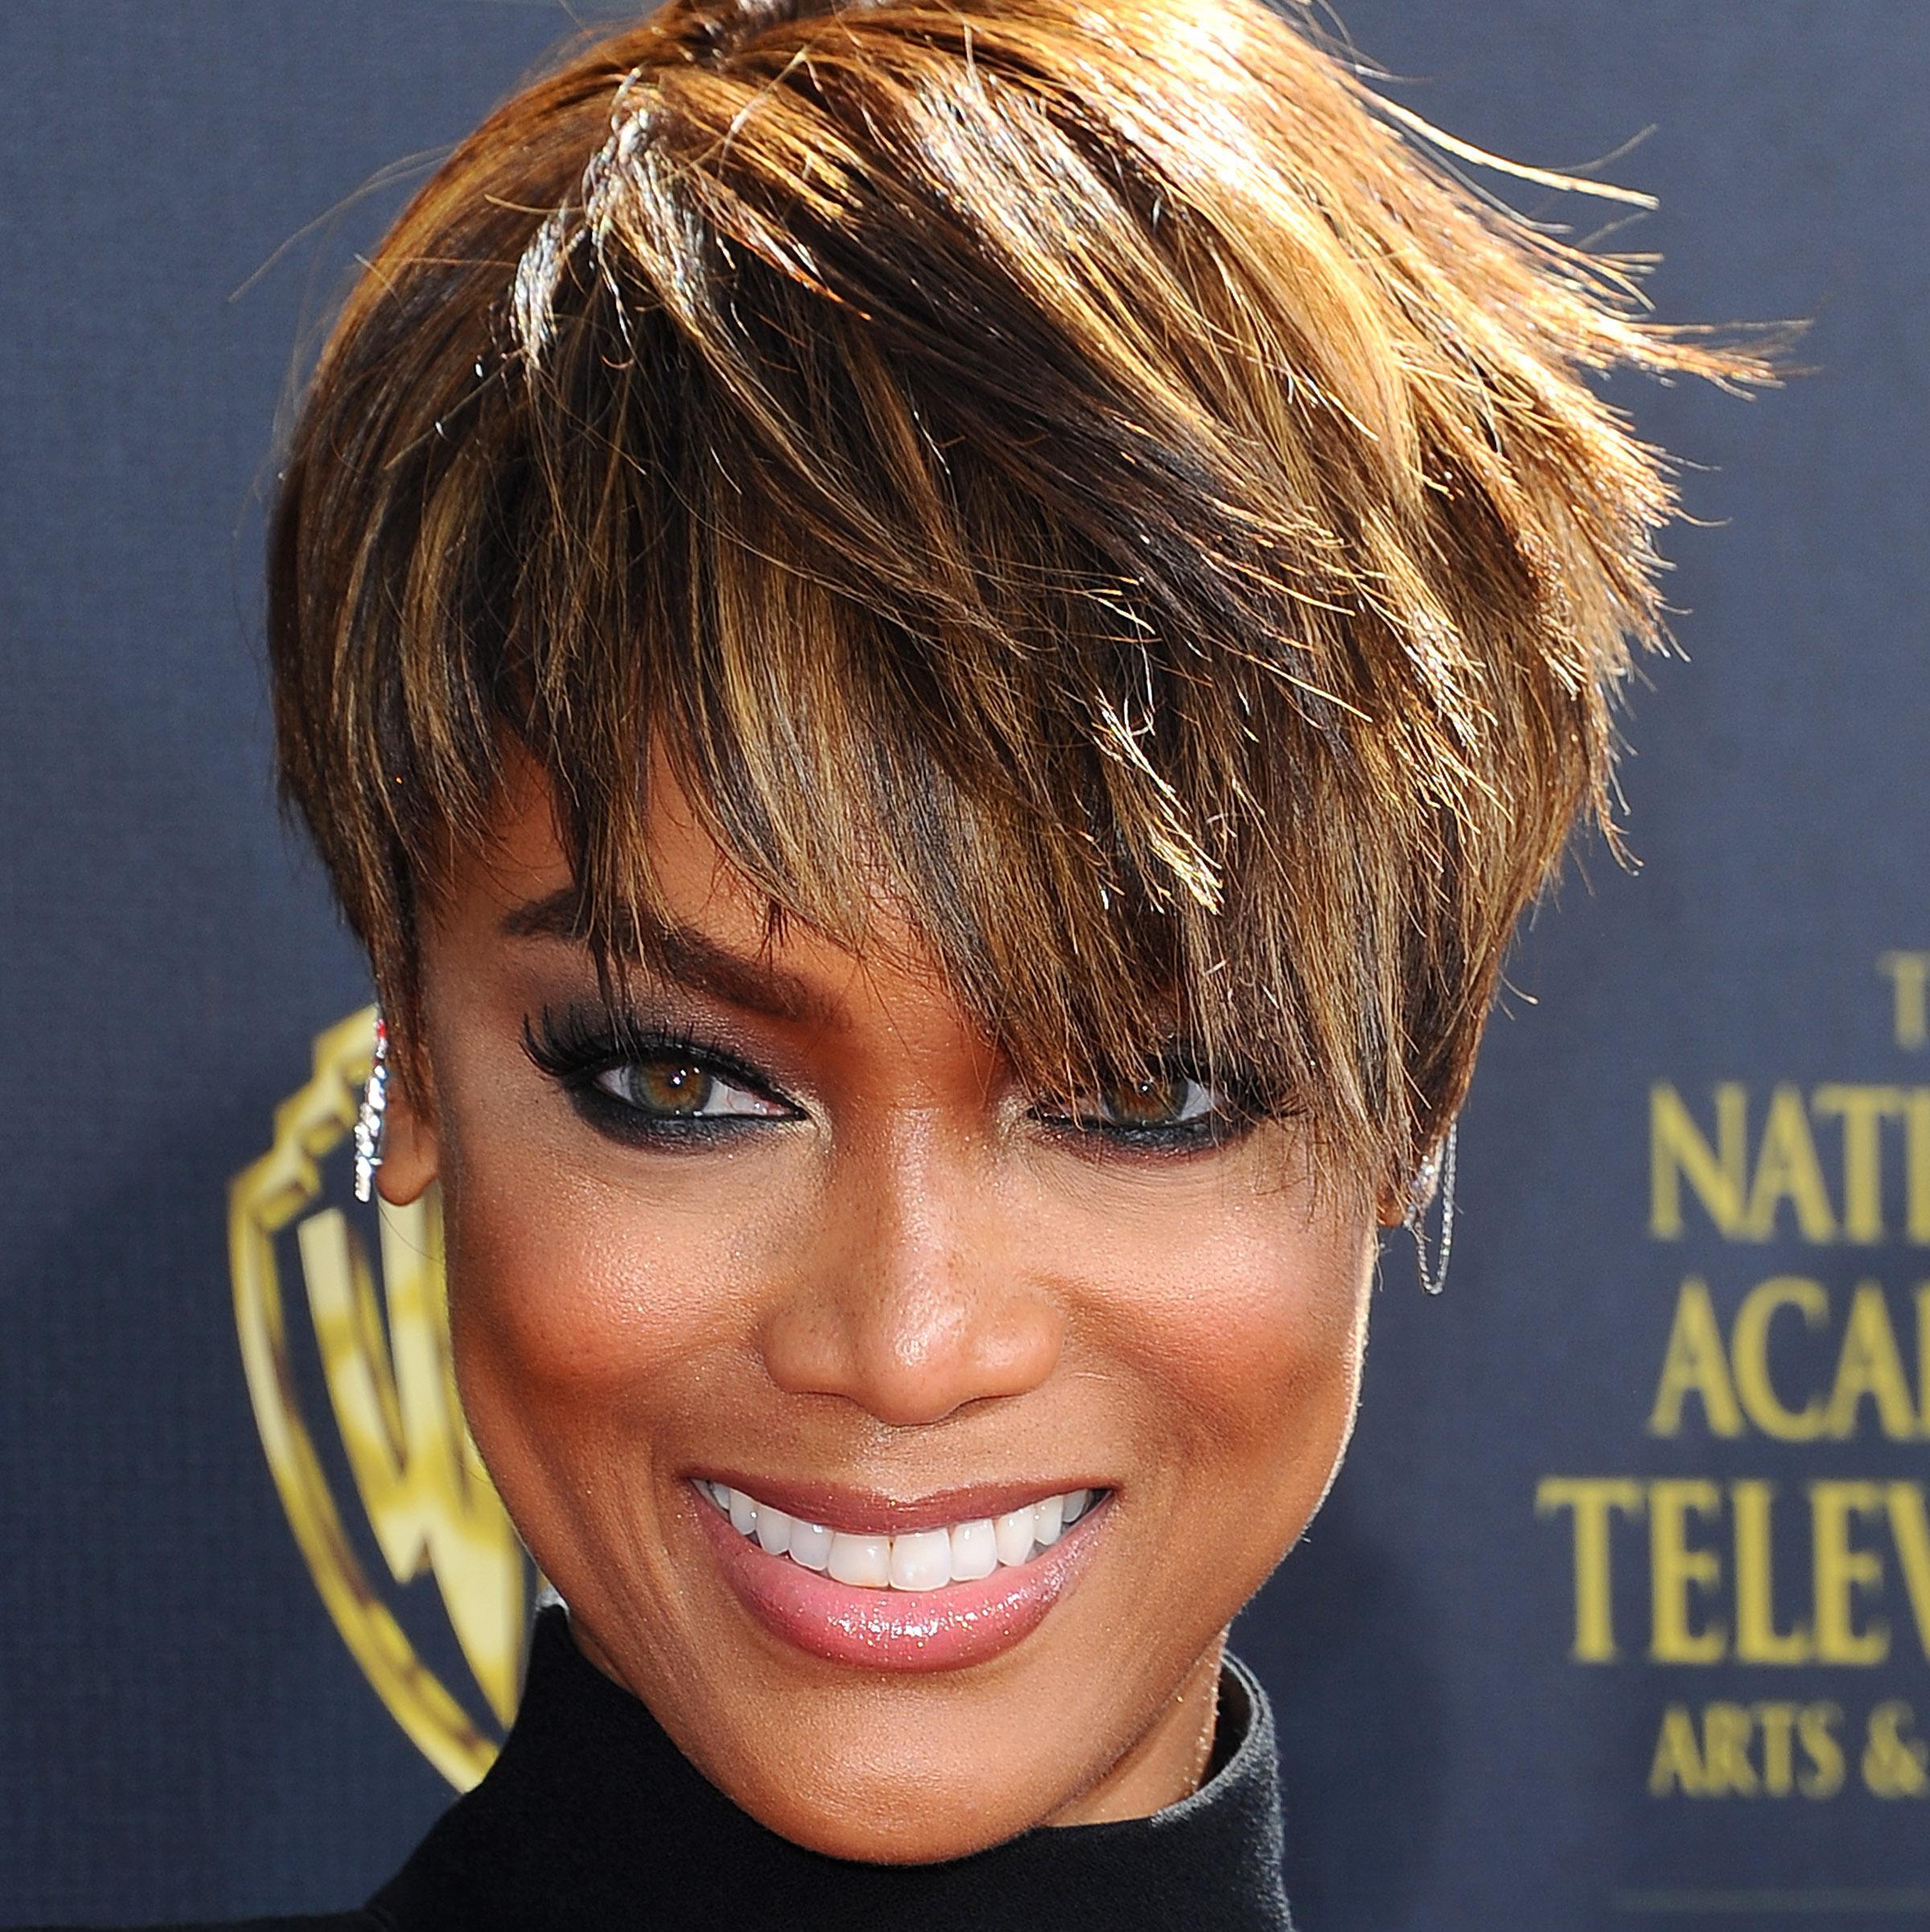 Tyra Banks Est Passe La Pixie Cut Elle